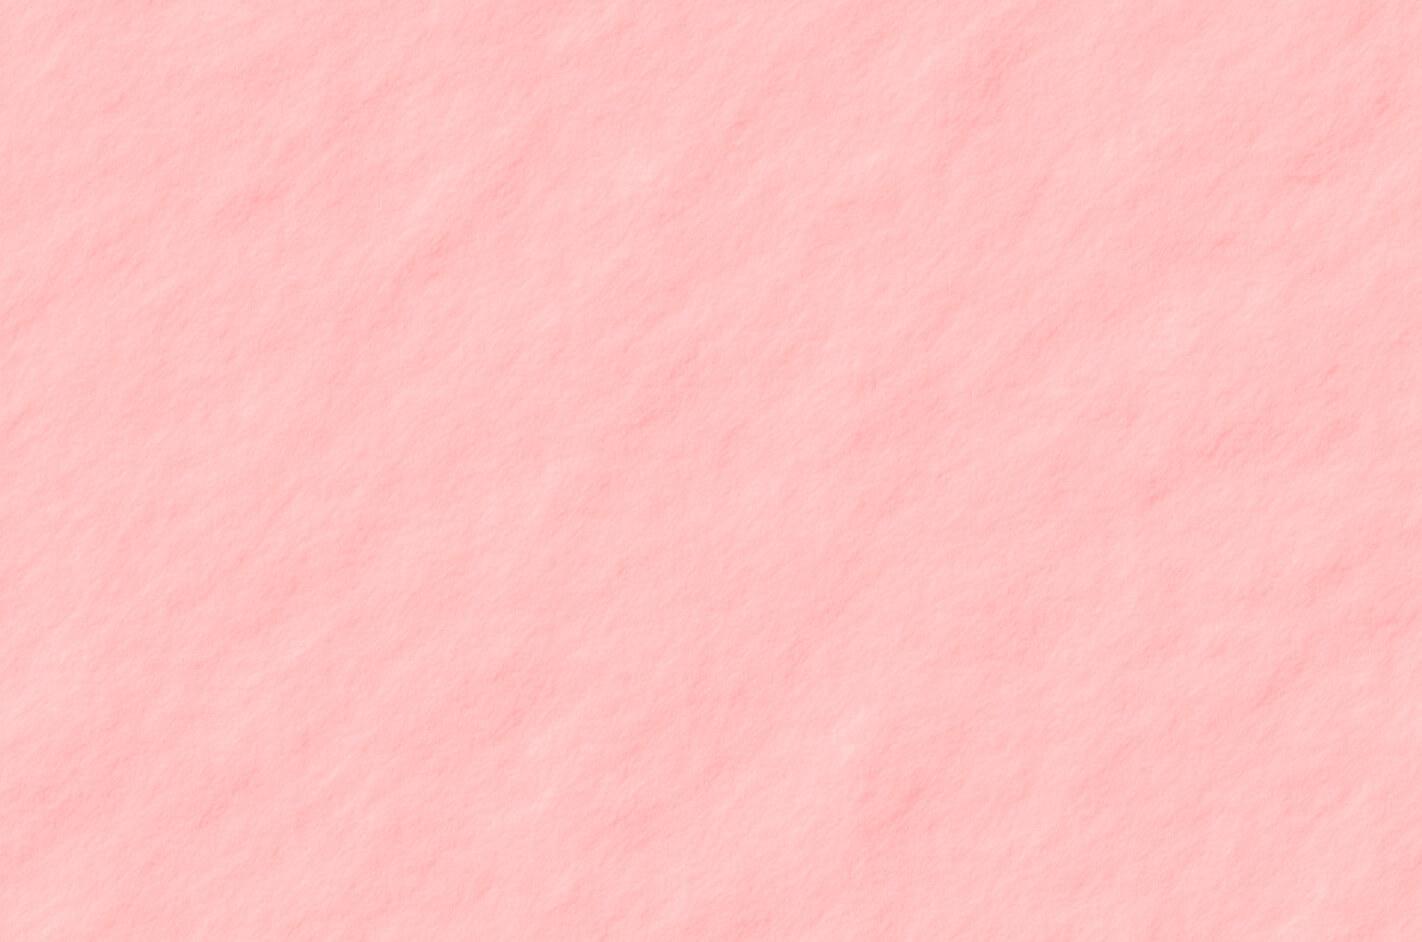 桃色の和紙